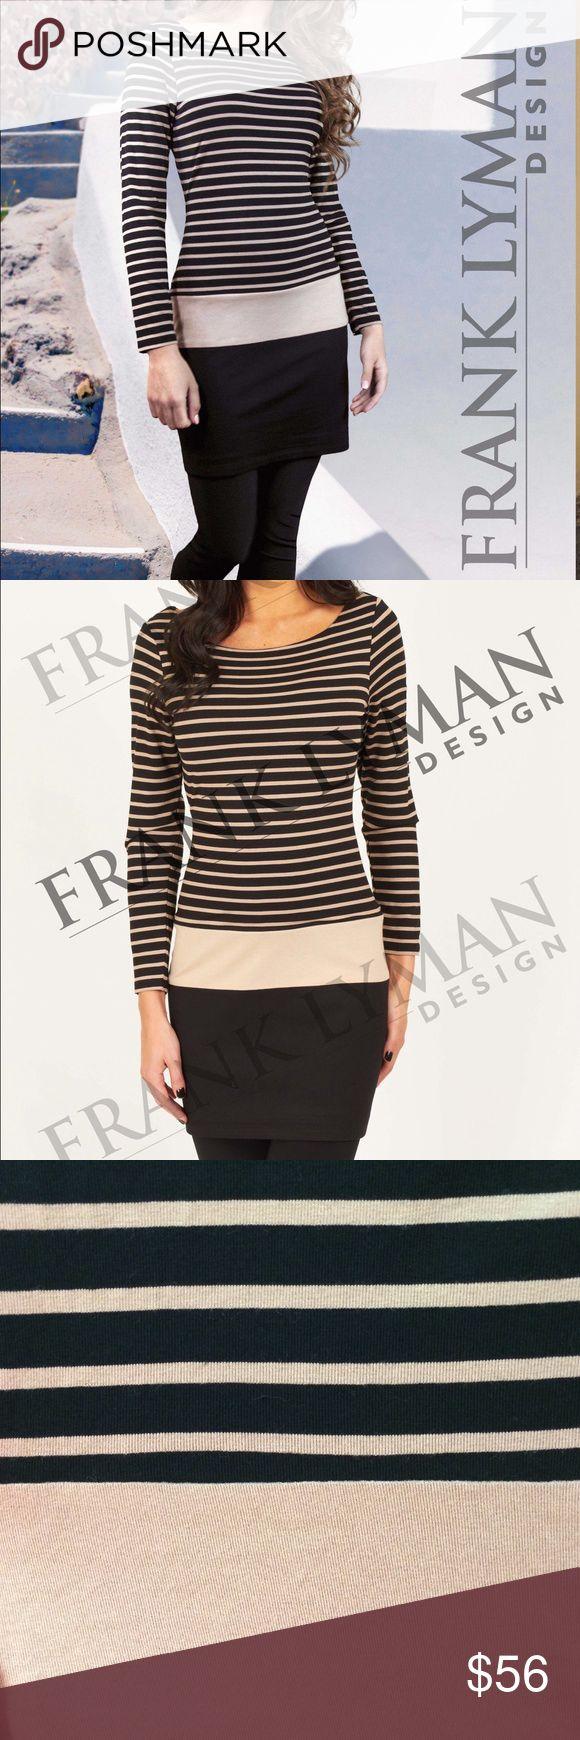 💄Frank Lyman Black/Tan Tunic/Dress 💕Striped Frank Lyman Tunic/Dress fully lined! Frank Lyman Tops Tunics